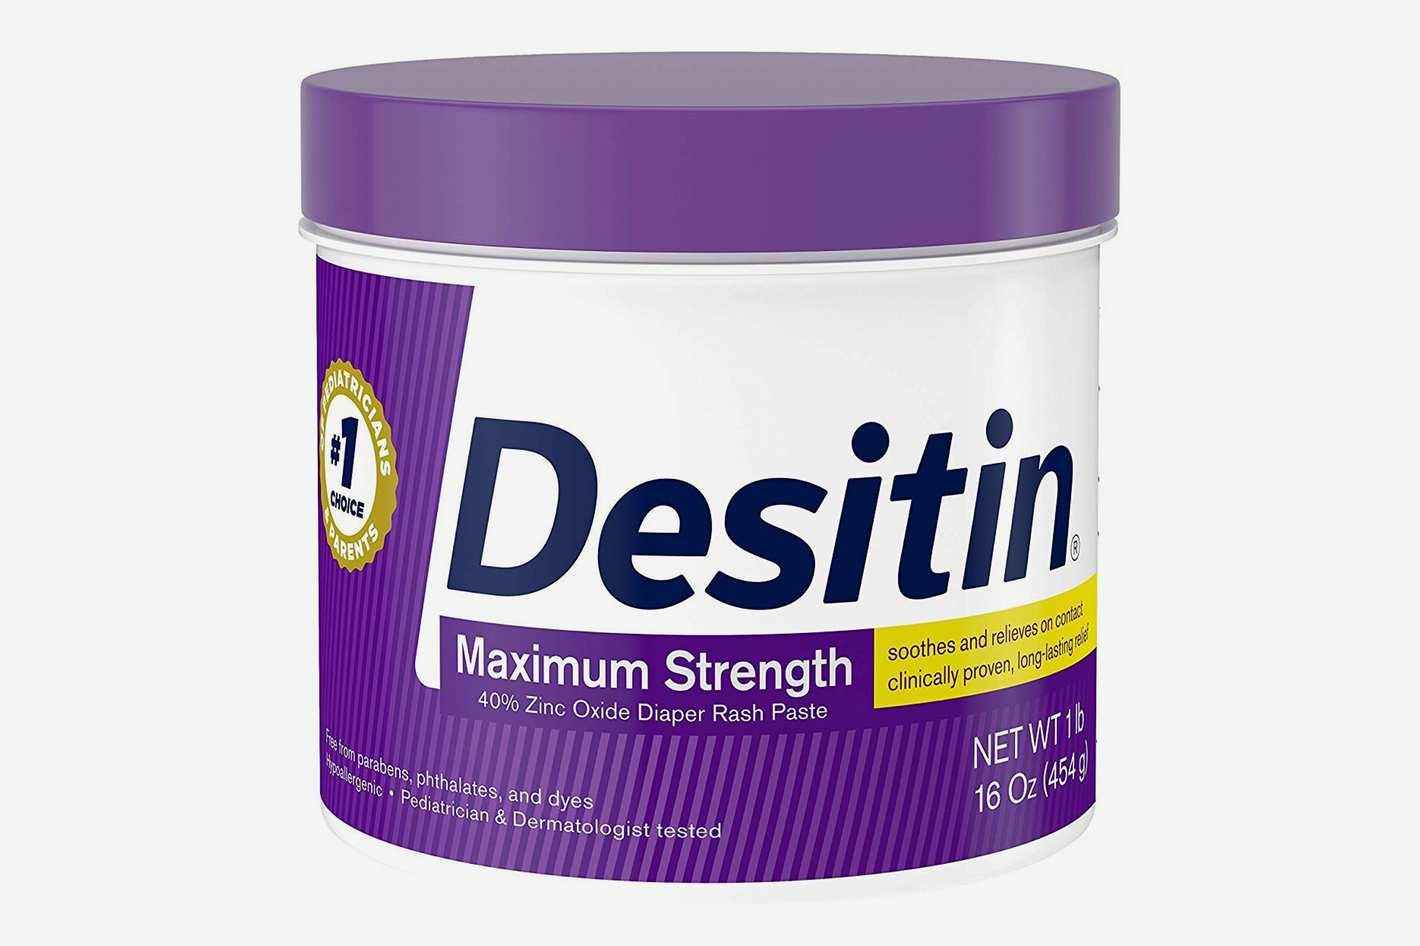 Desitin Maximum Strength Baby Diaper Rash Cream, 16 oz.